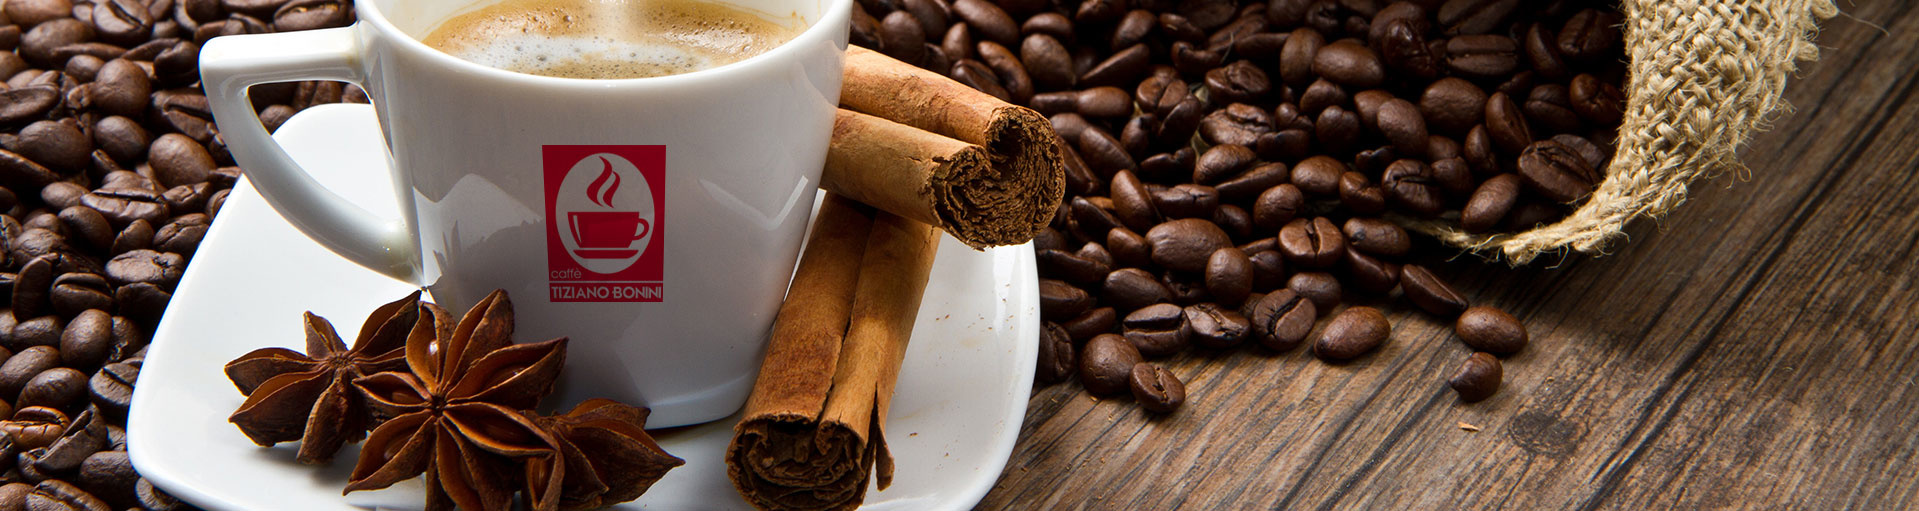 Cafés aromatisés à la noisette, à l'amande, à l'Amaretto, au chocolat, à la Sambuca, à la vanille, à la crème de Whisky, à la pistache, au rhum: une sélection de café de qualité italienne